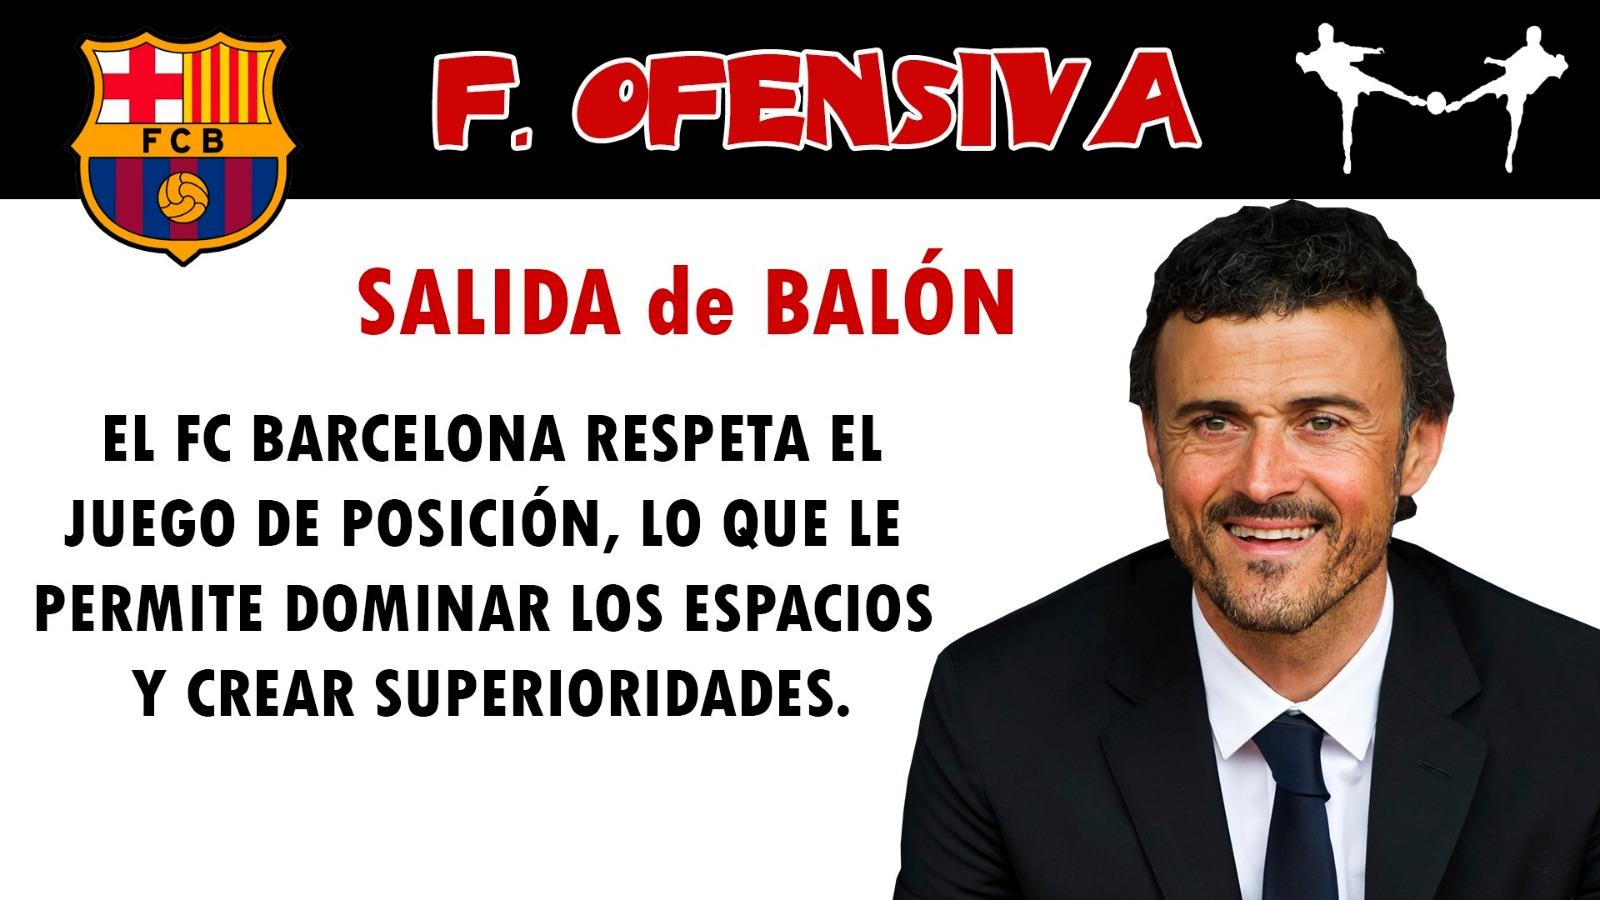 futbolcarrasco análisis táctico fc barcelona luis enrique salida de balón